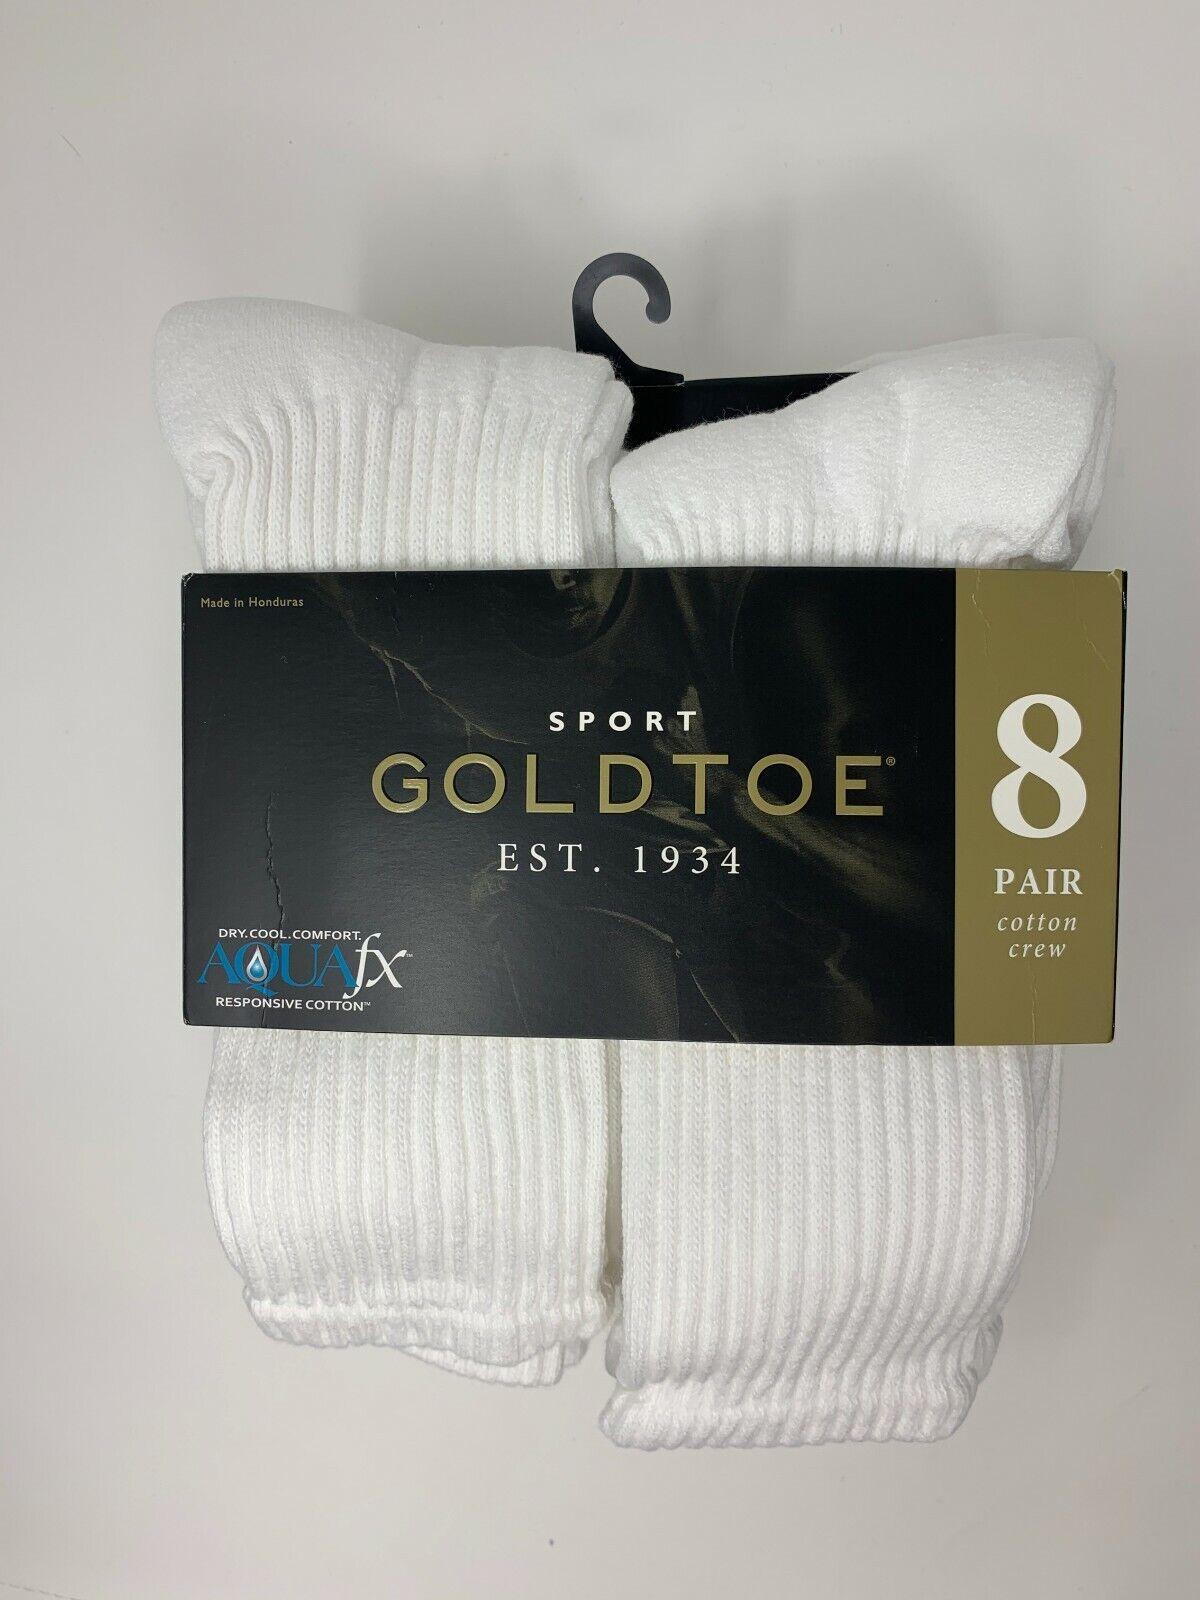 GOLD TOE Men's 8 pack Soft Cotton Standard Crew Socks, White